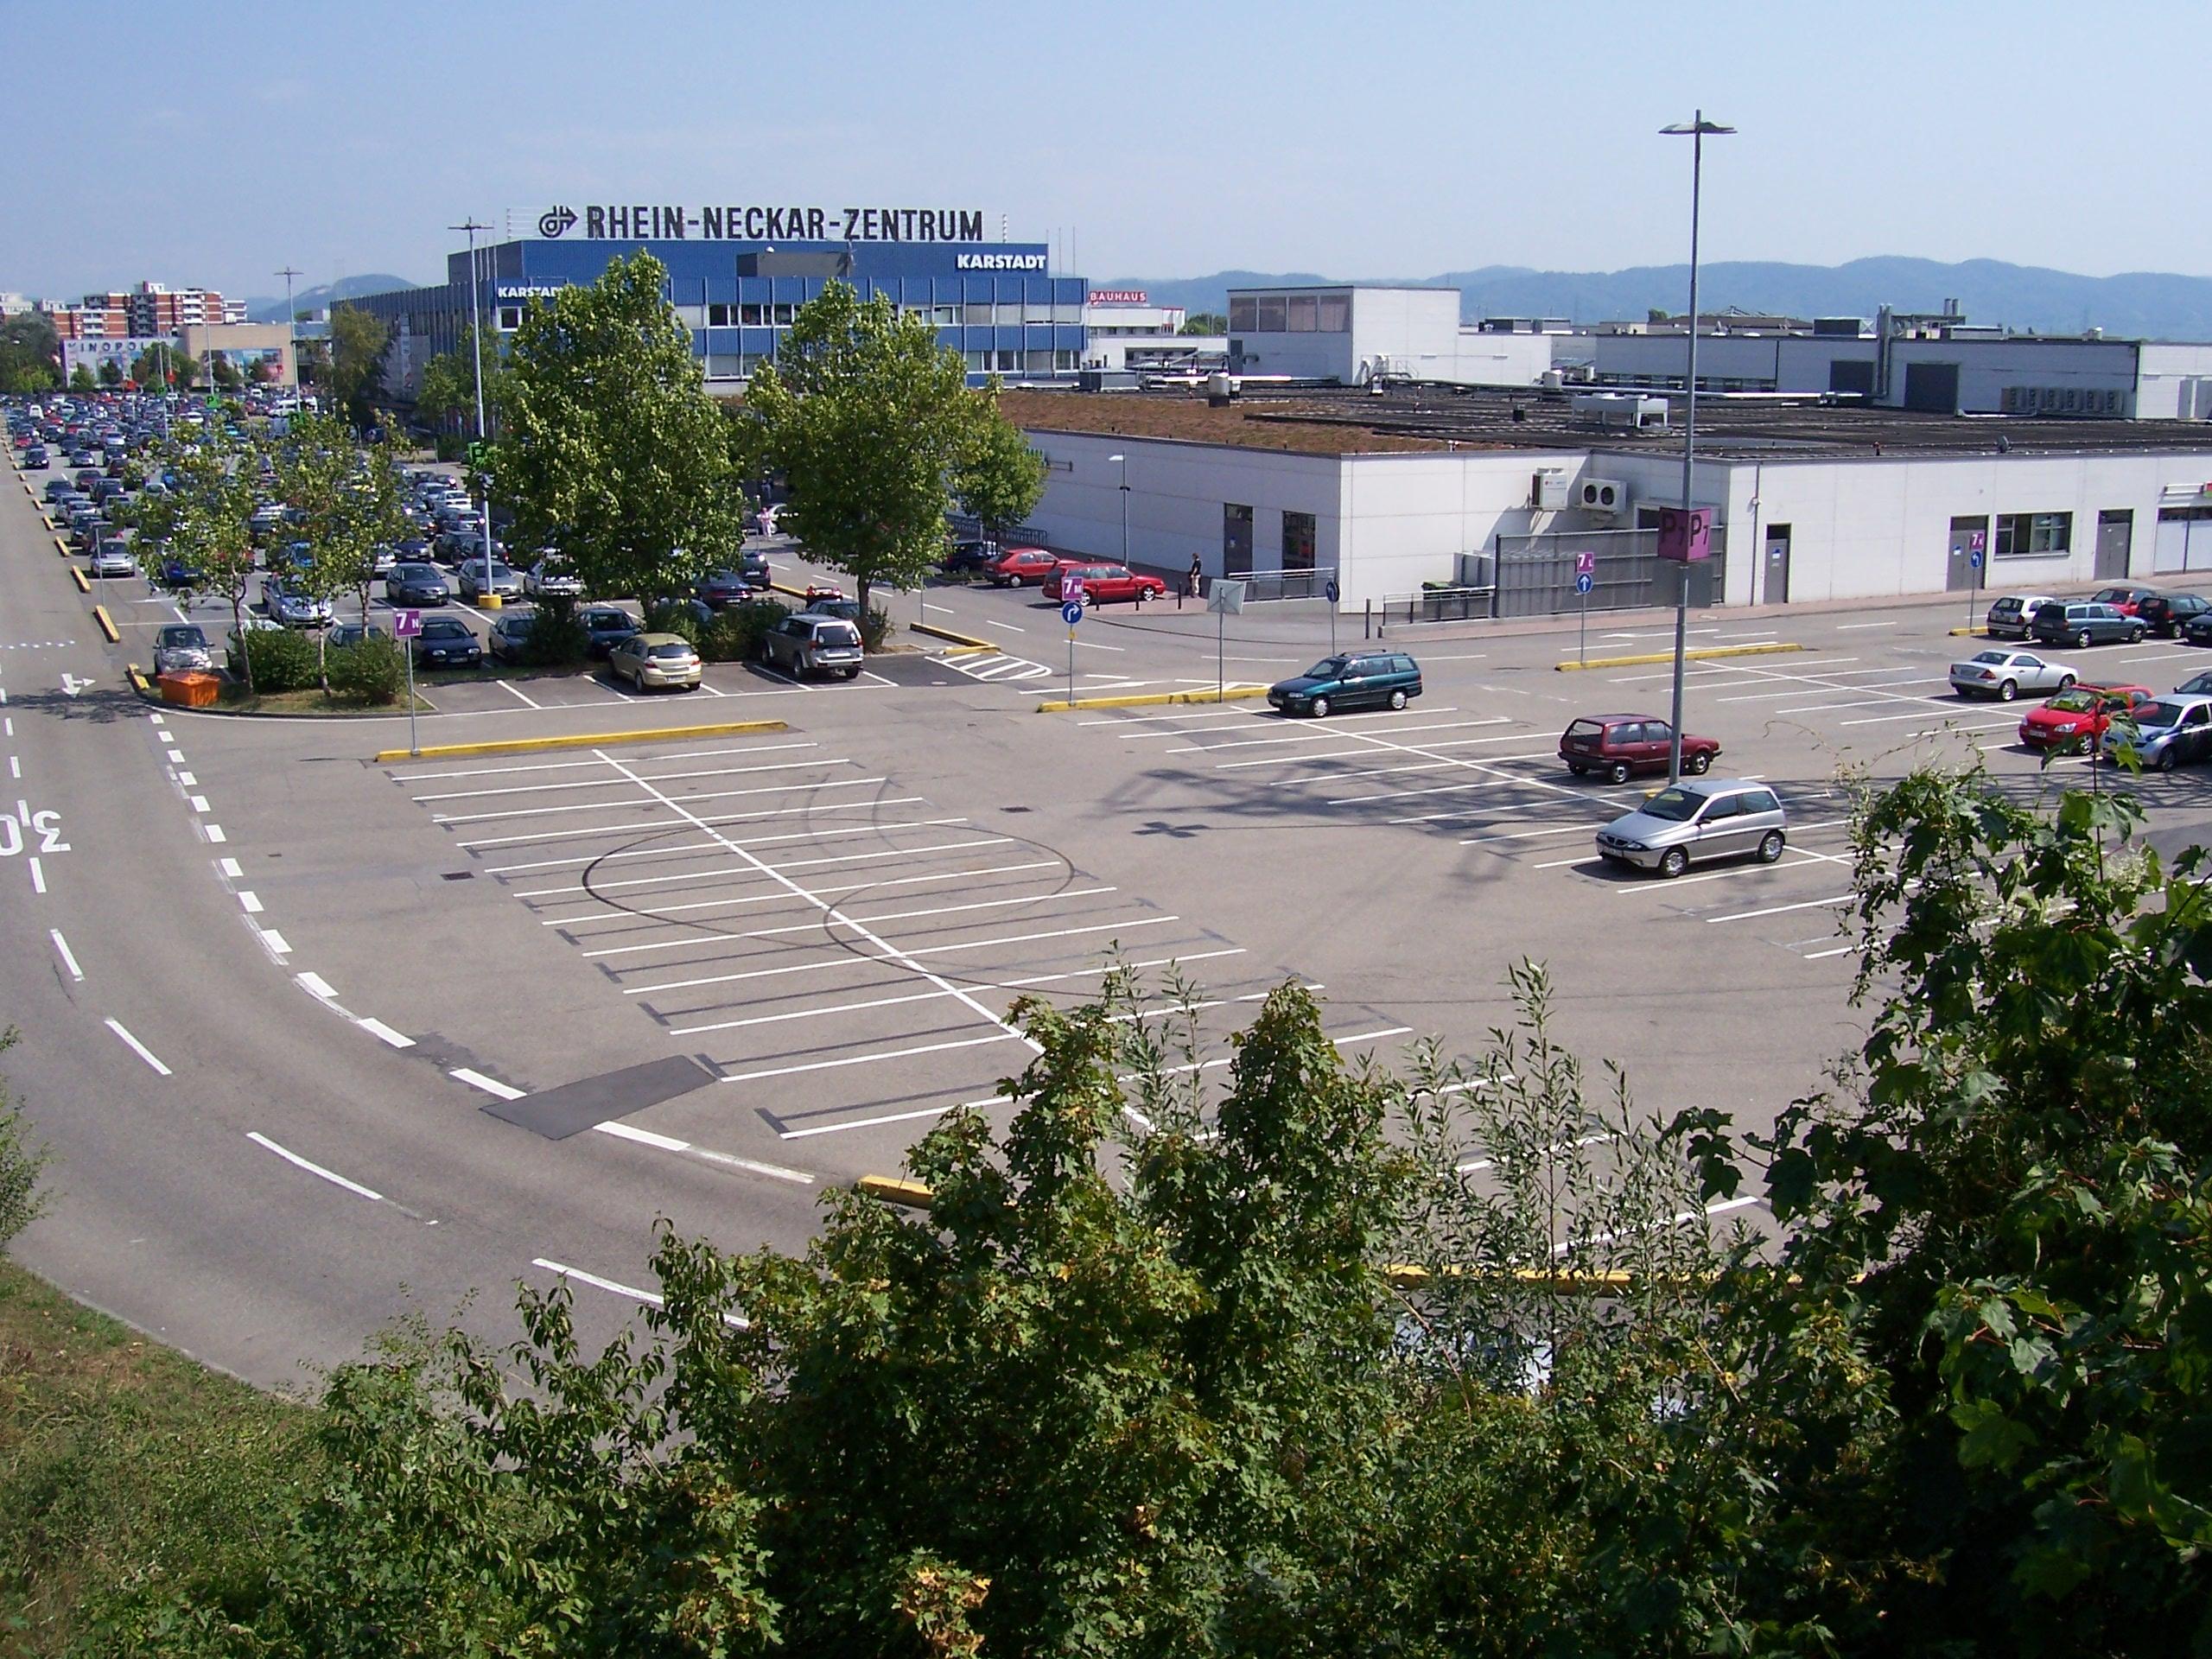 Stiefeletten | Rhein Neckar Zentrum, Viernheim